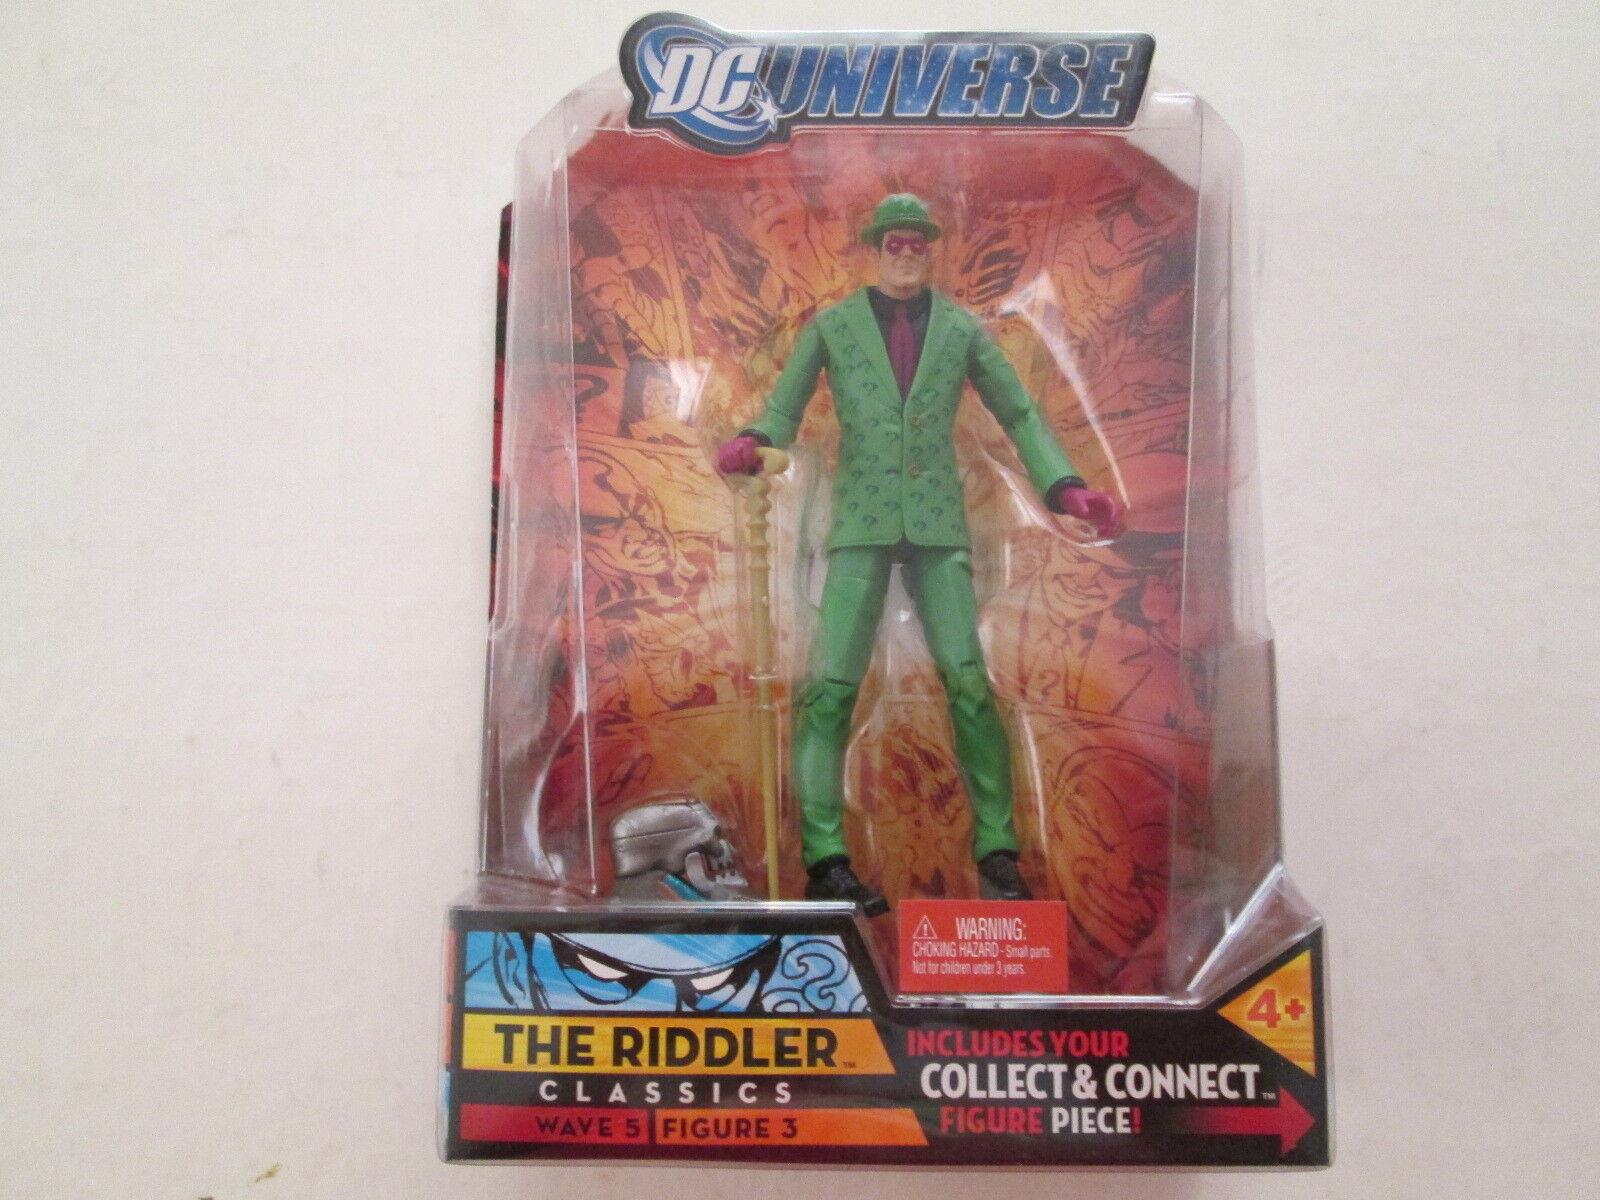 RIDDLER DC Universe Classics Wave 5 Figure 3 mattel batman legends joker kenner